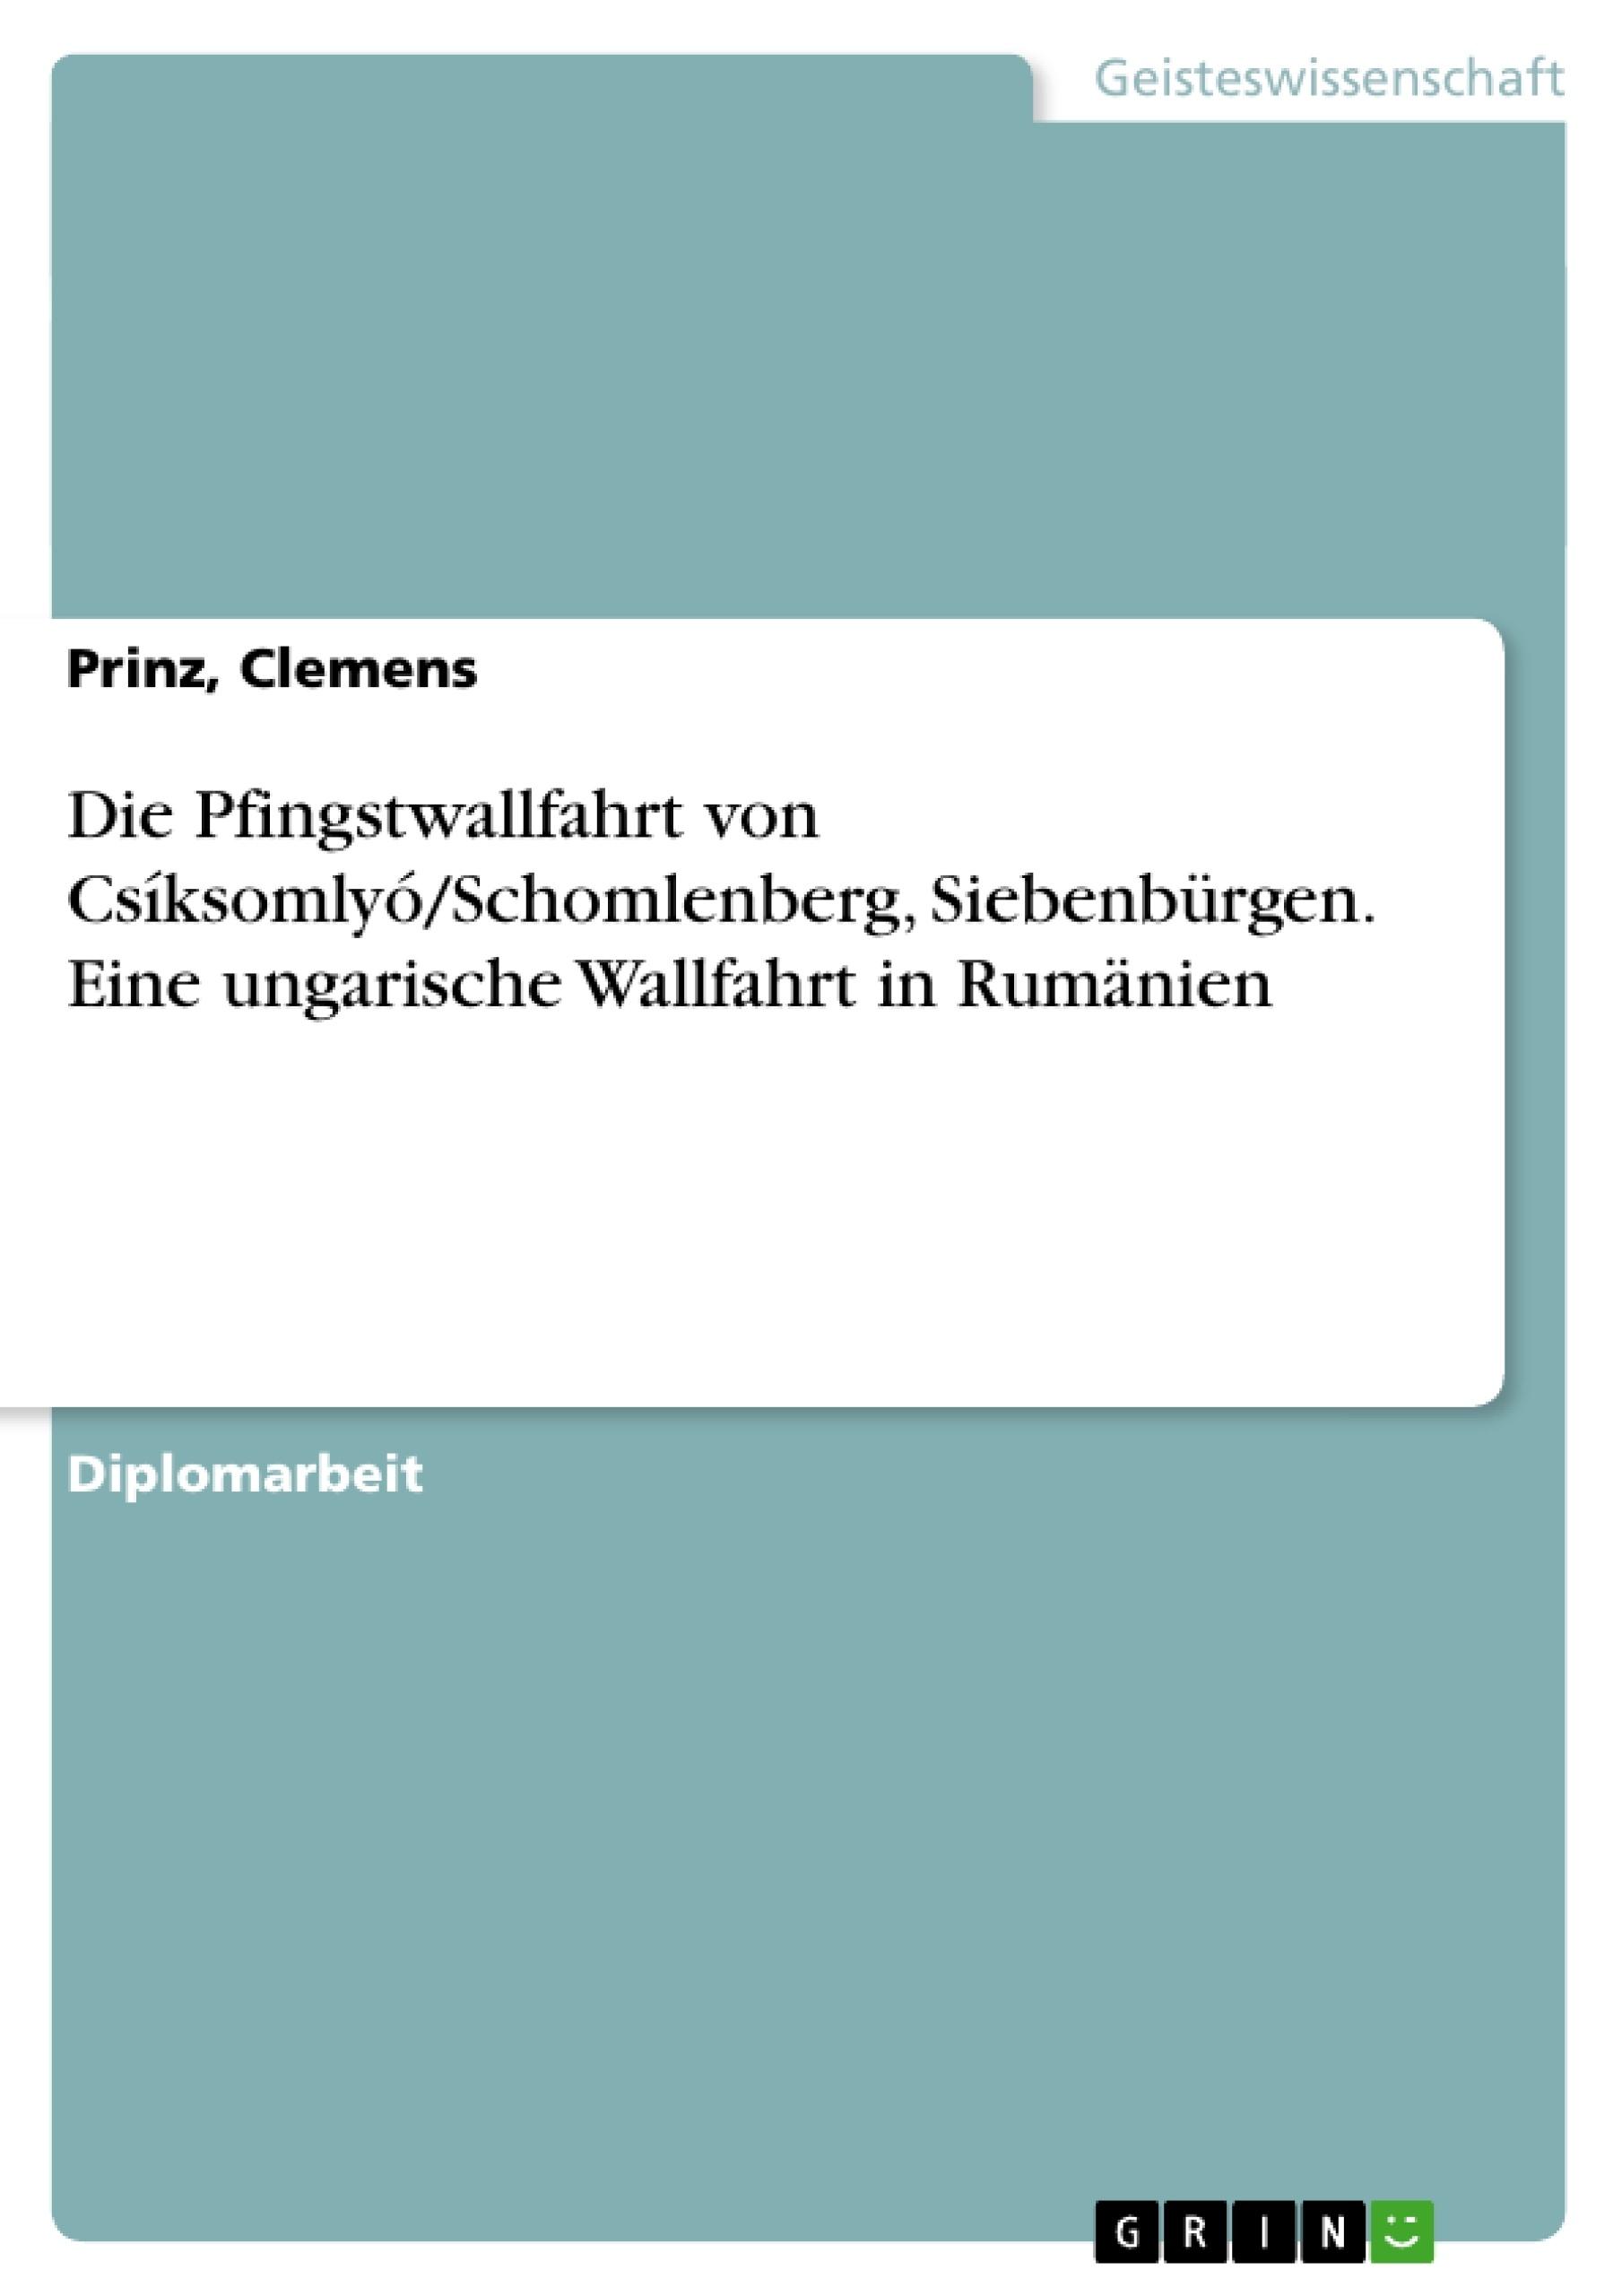 Titel: Die Pfingstwallfahrt von Csíksomlyó/Schomlenberg, Siebenbürgen. Eine ungarische Wallfahrt in Rumänien